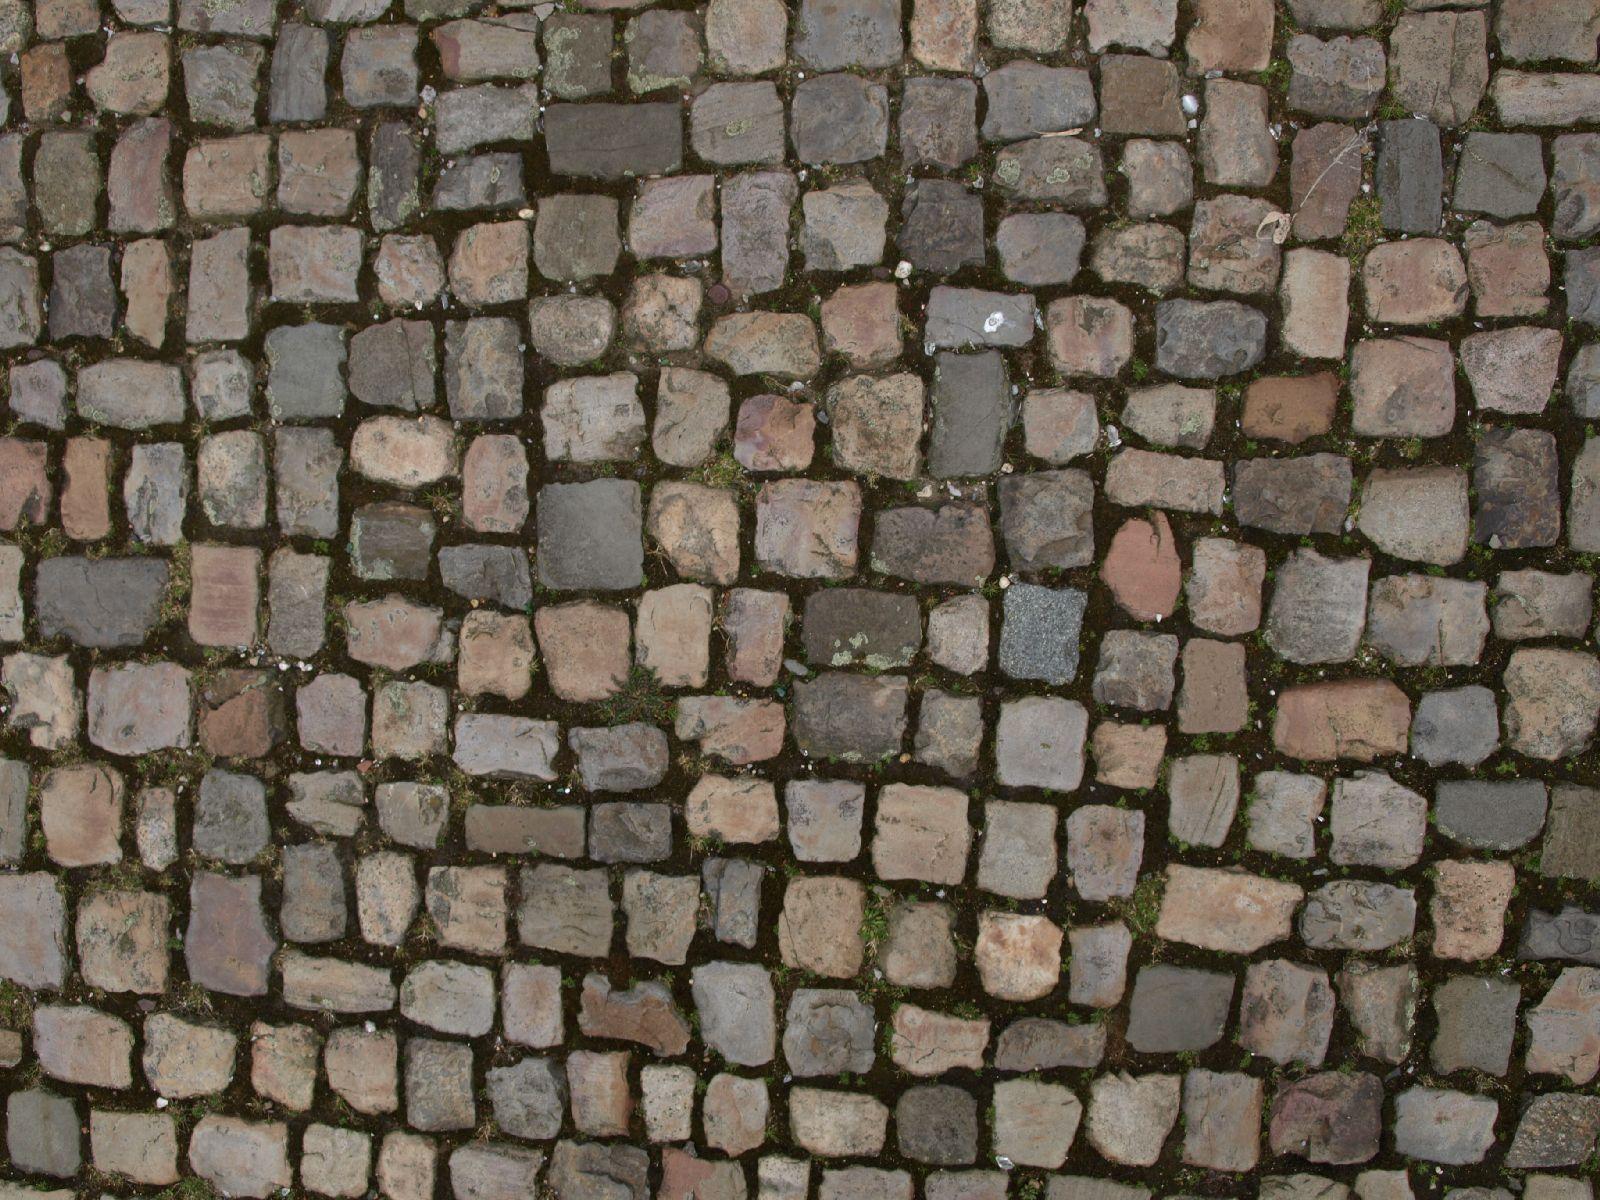 Ground-Urban_Texture_A_P4120795